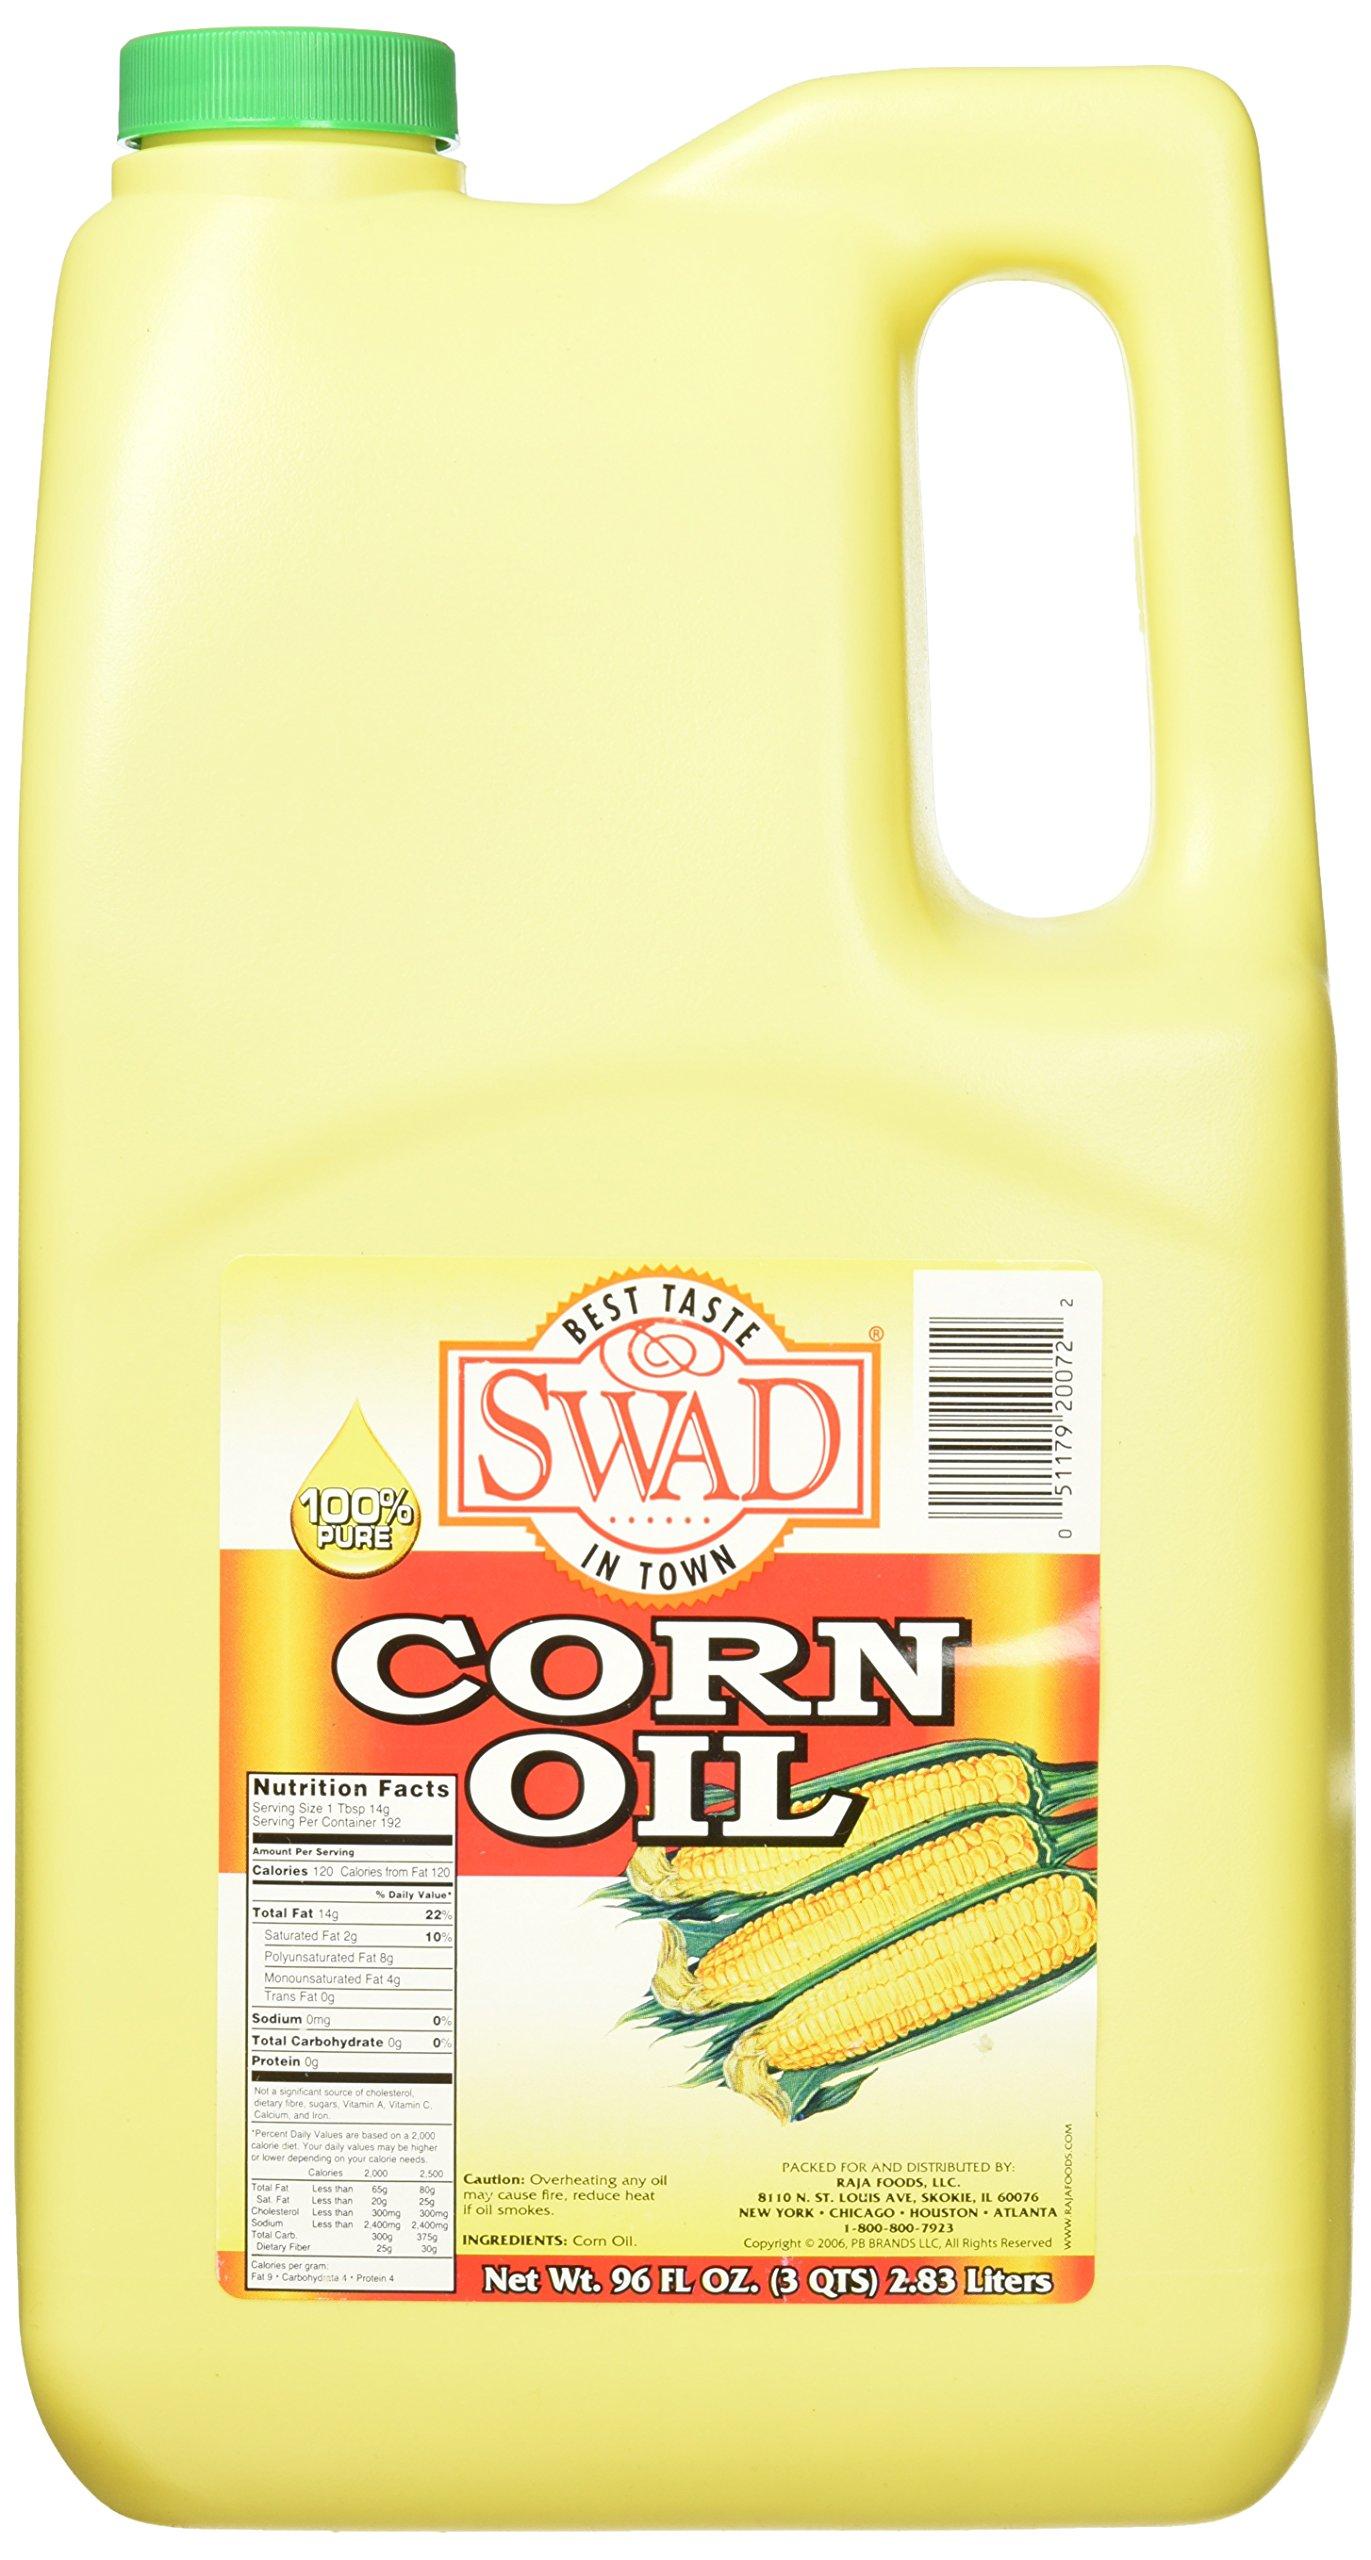 Great Bazaar Swad Corn Oil, 96 Ounce